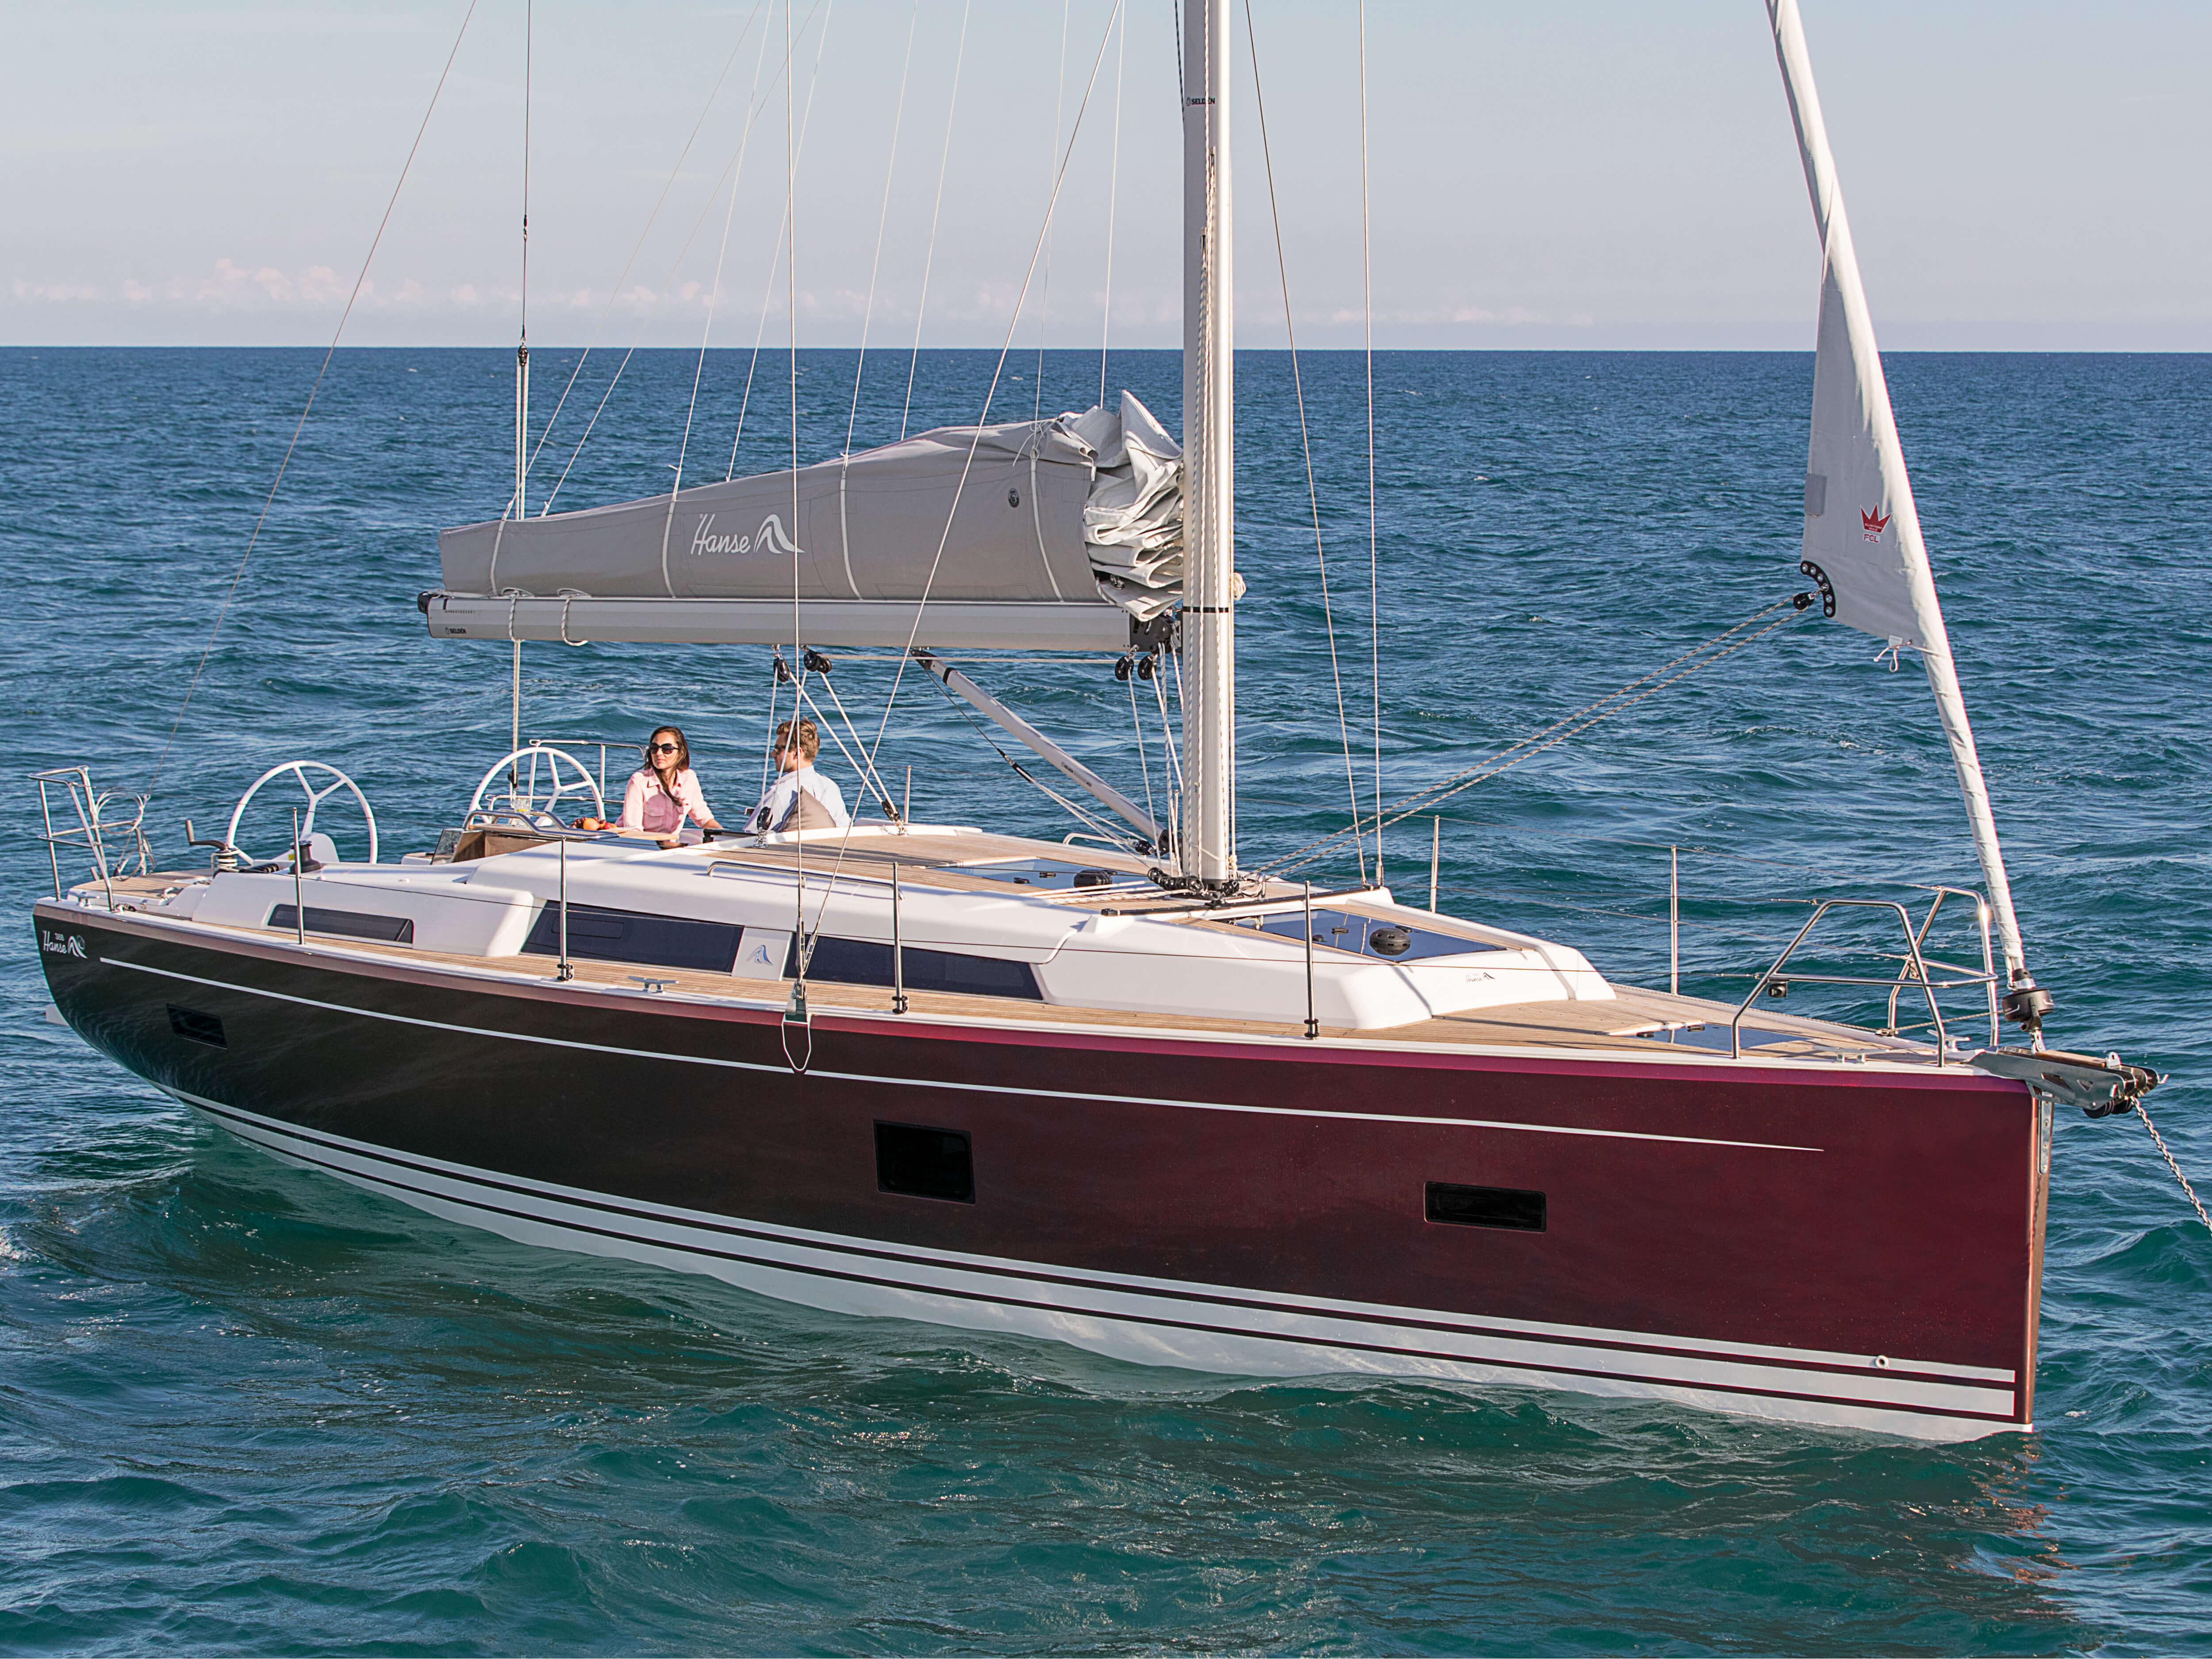 Hanse 388 | Exterior at anchor | Hanse